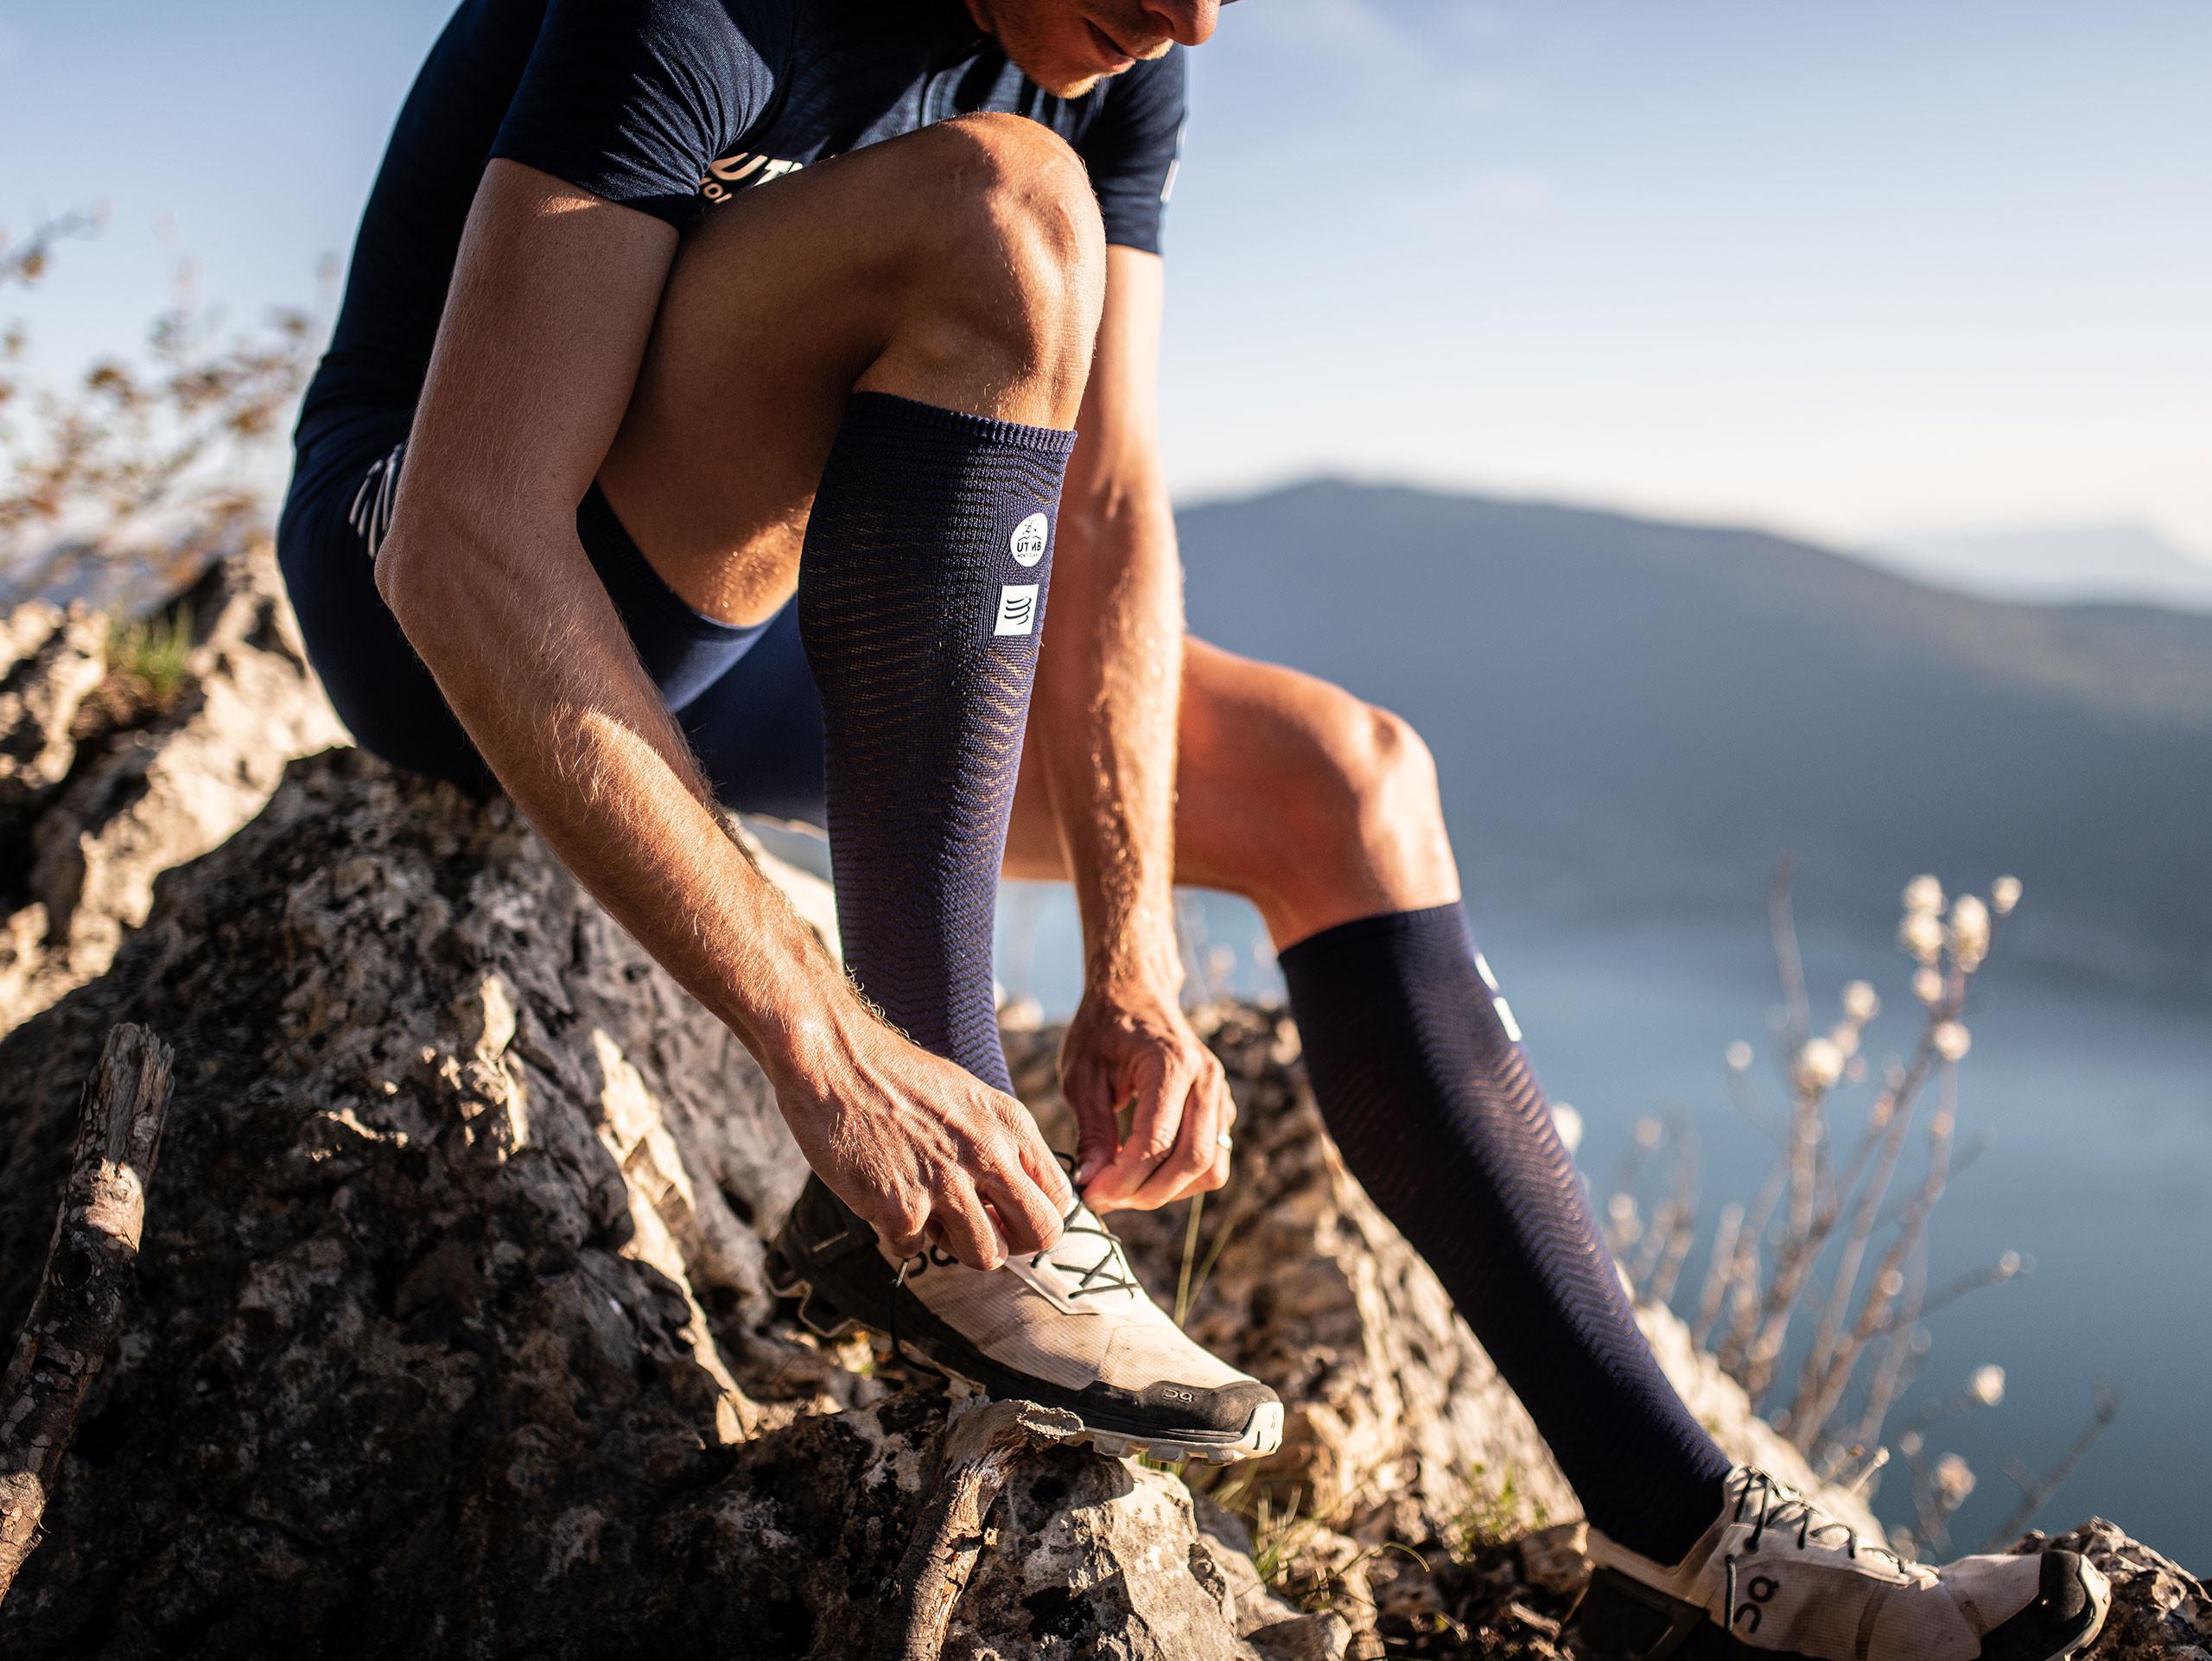 Calcetines altos de competición y recuperación - UTMB® 2019